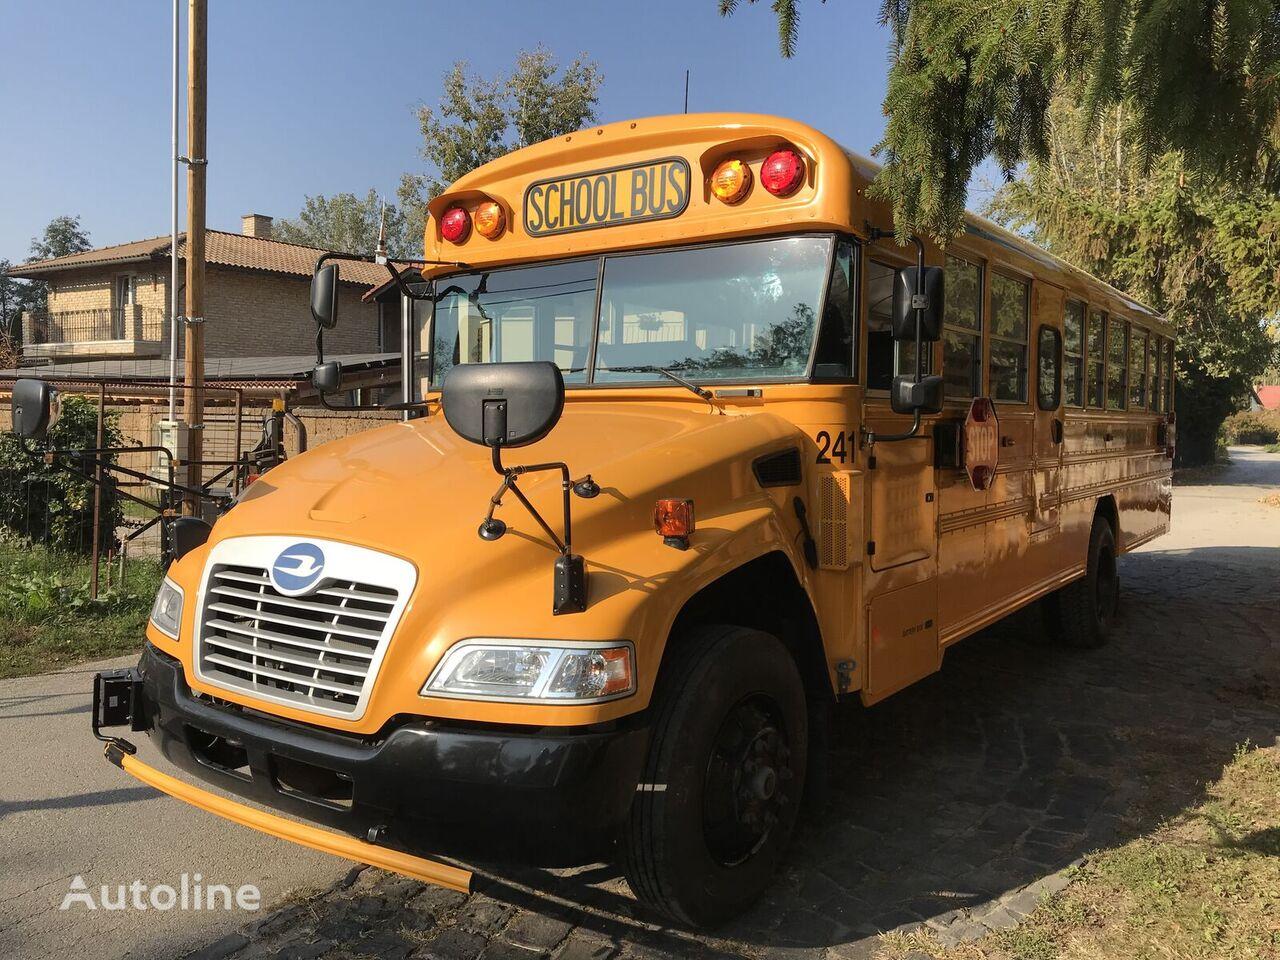 FORD Blue Bird school bus